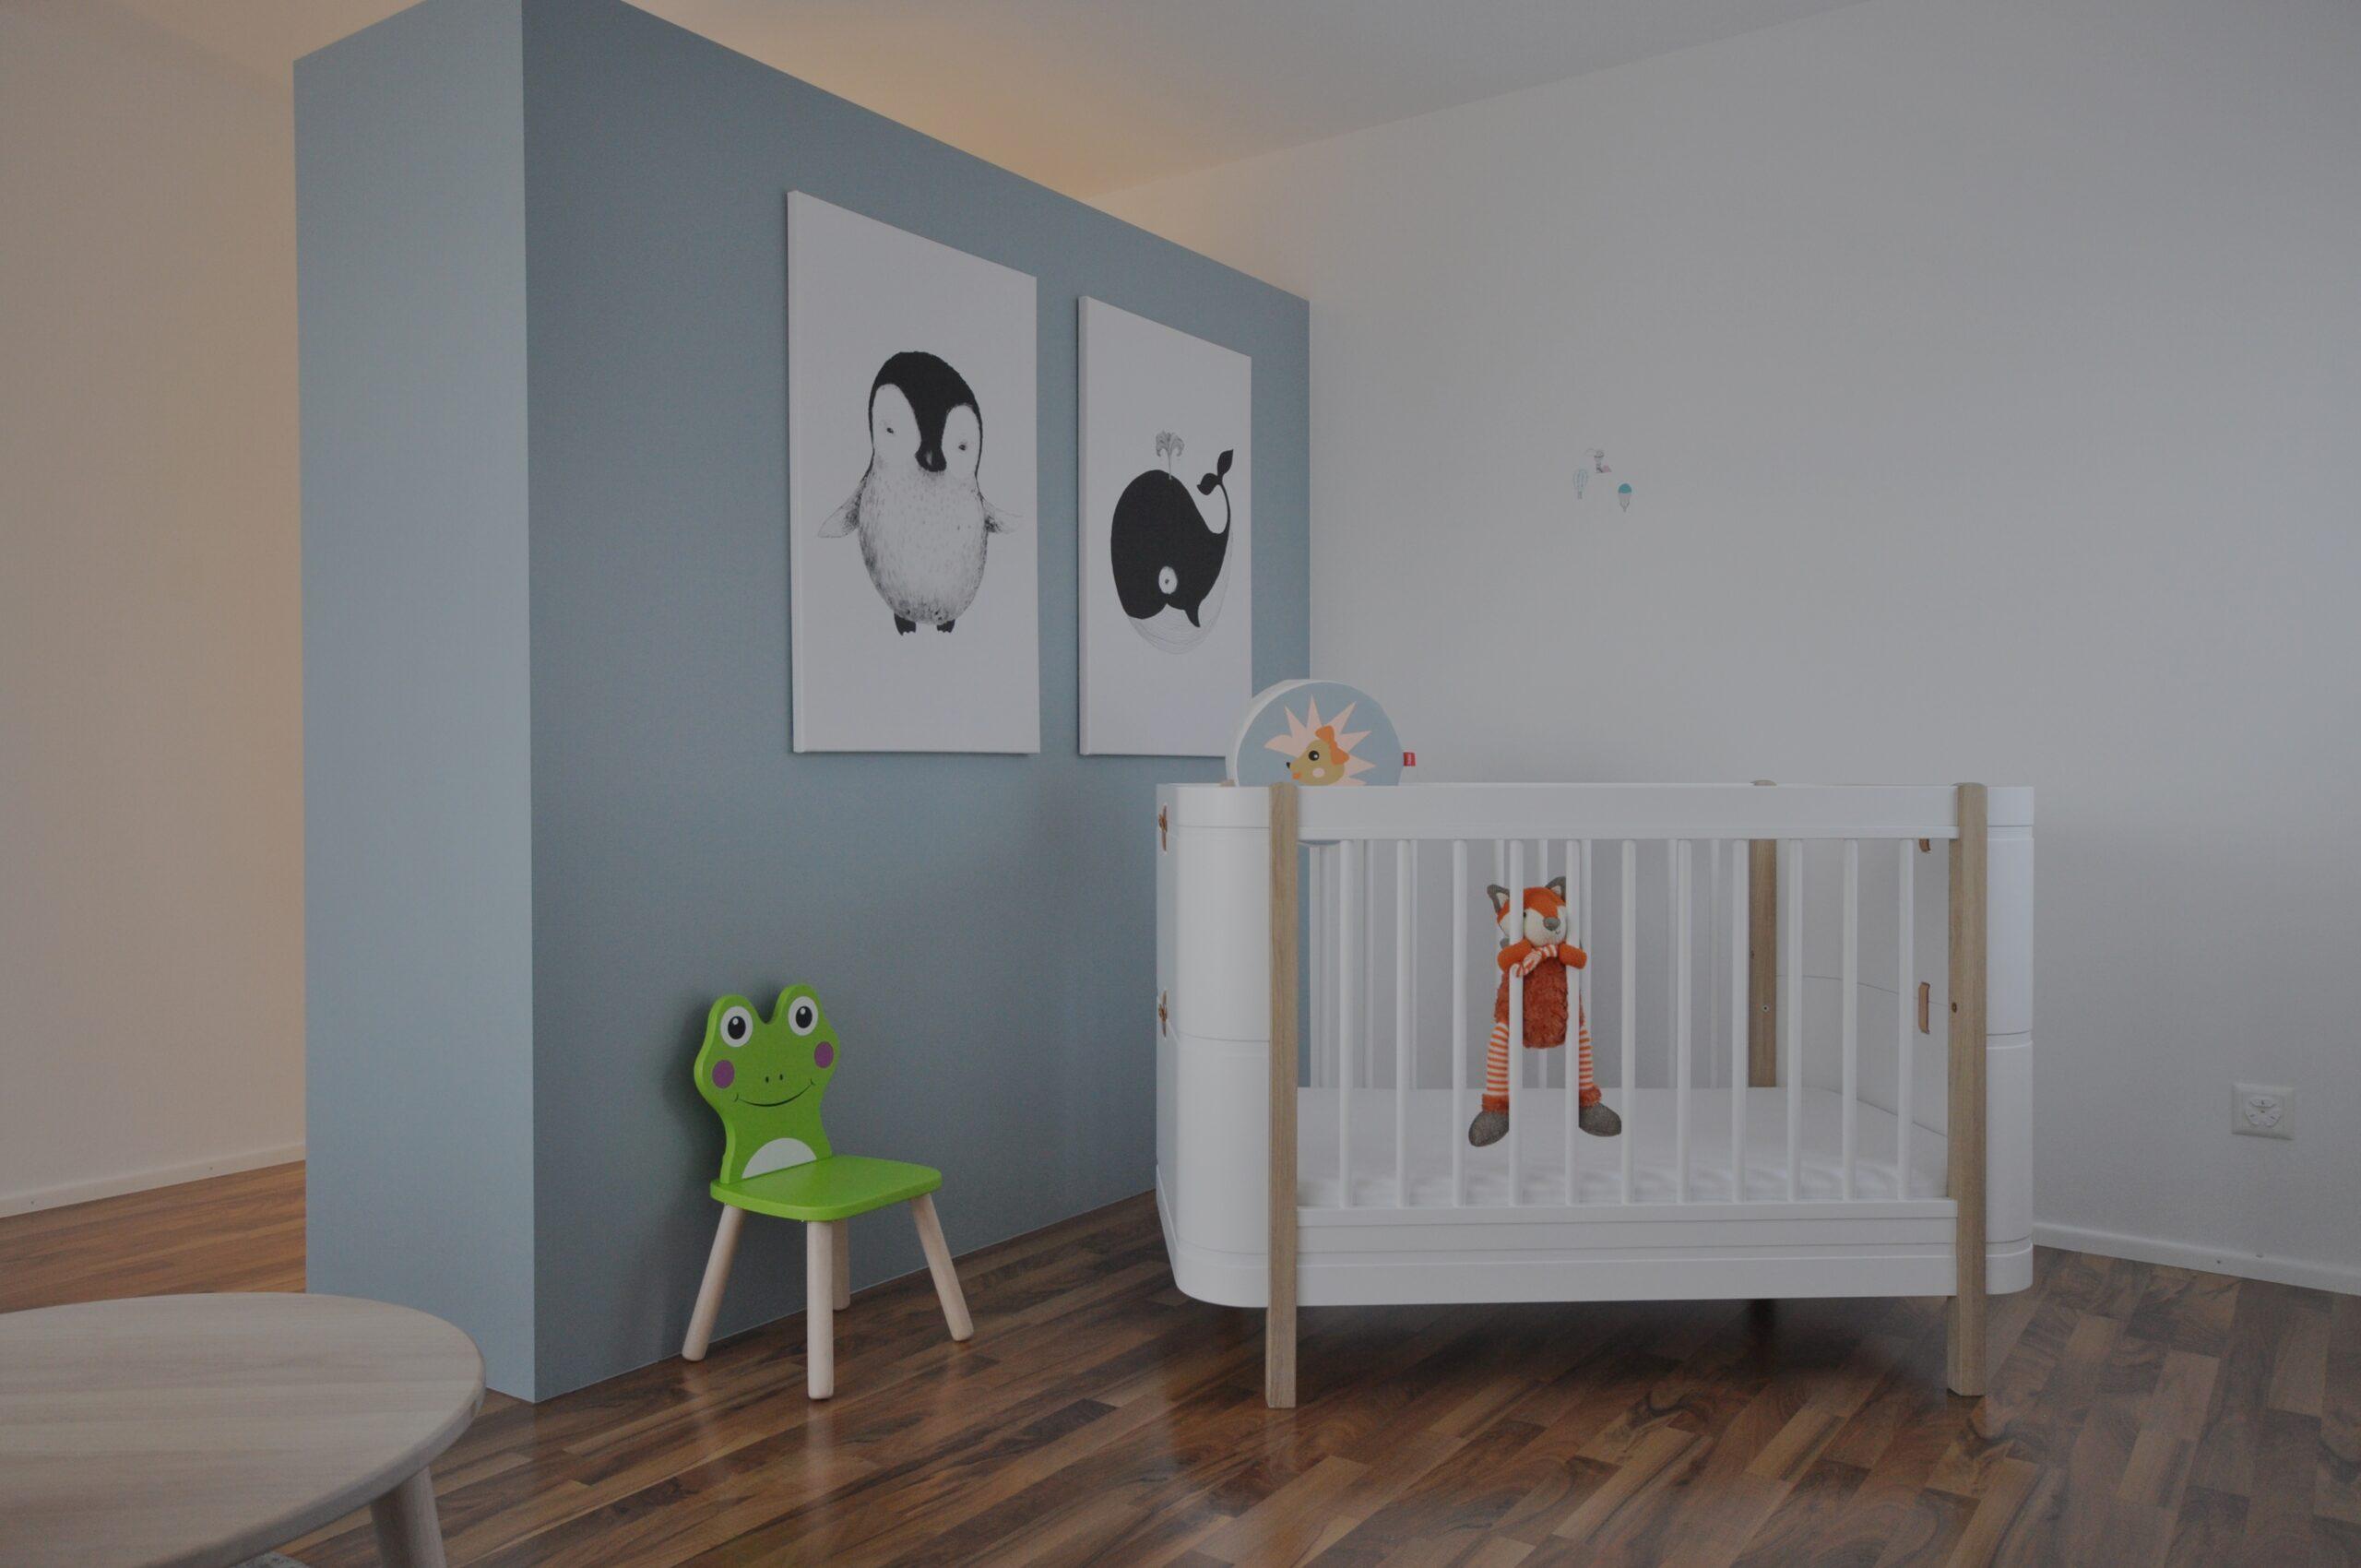 Full Size of Raumteiler Kinderzimmer Mbel Frs Vom Schreiner Statt Aus Dem Mbelhaus Regal Weiß Regale Sofa Kinderzimmer Raumteiler Kinderzimmer